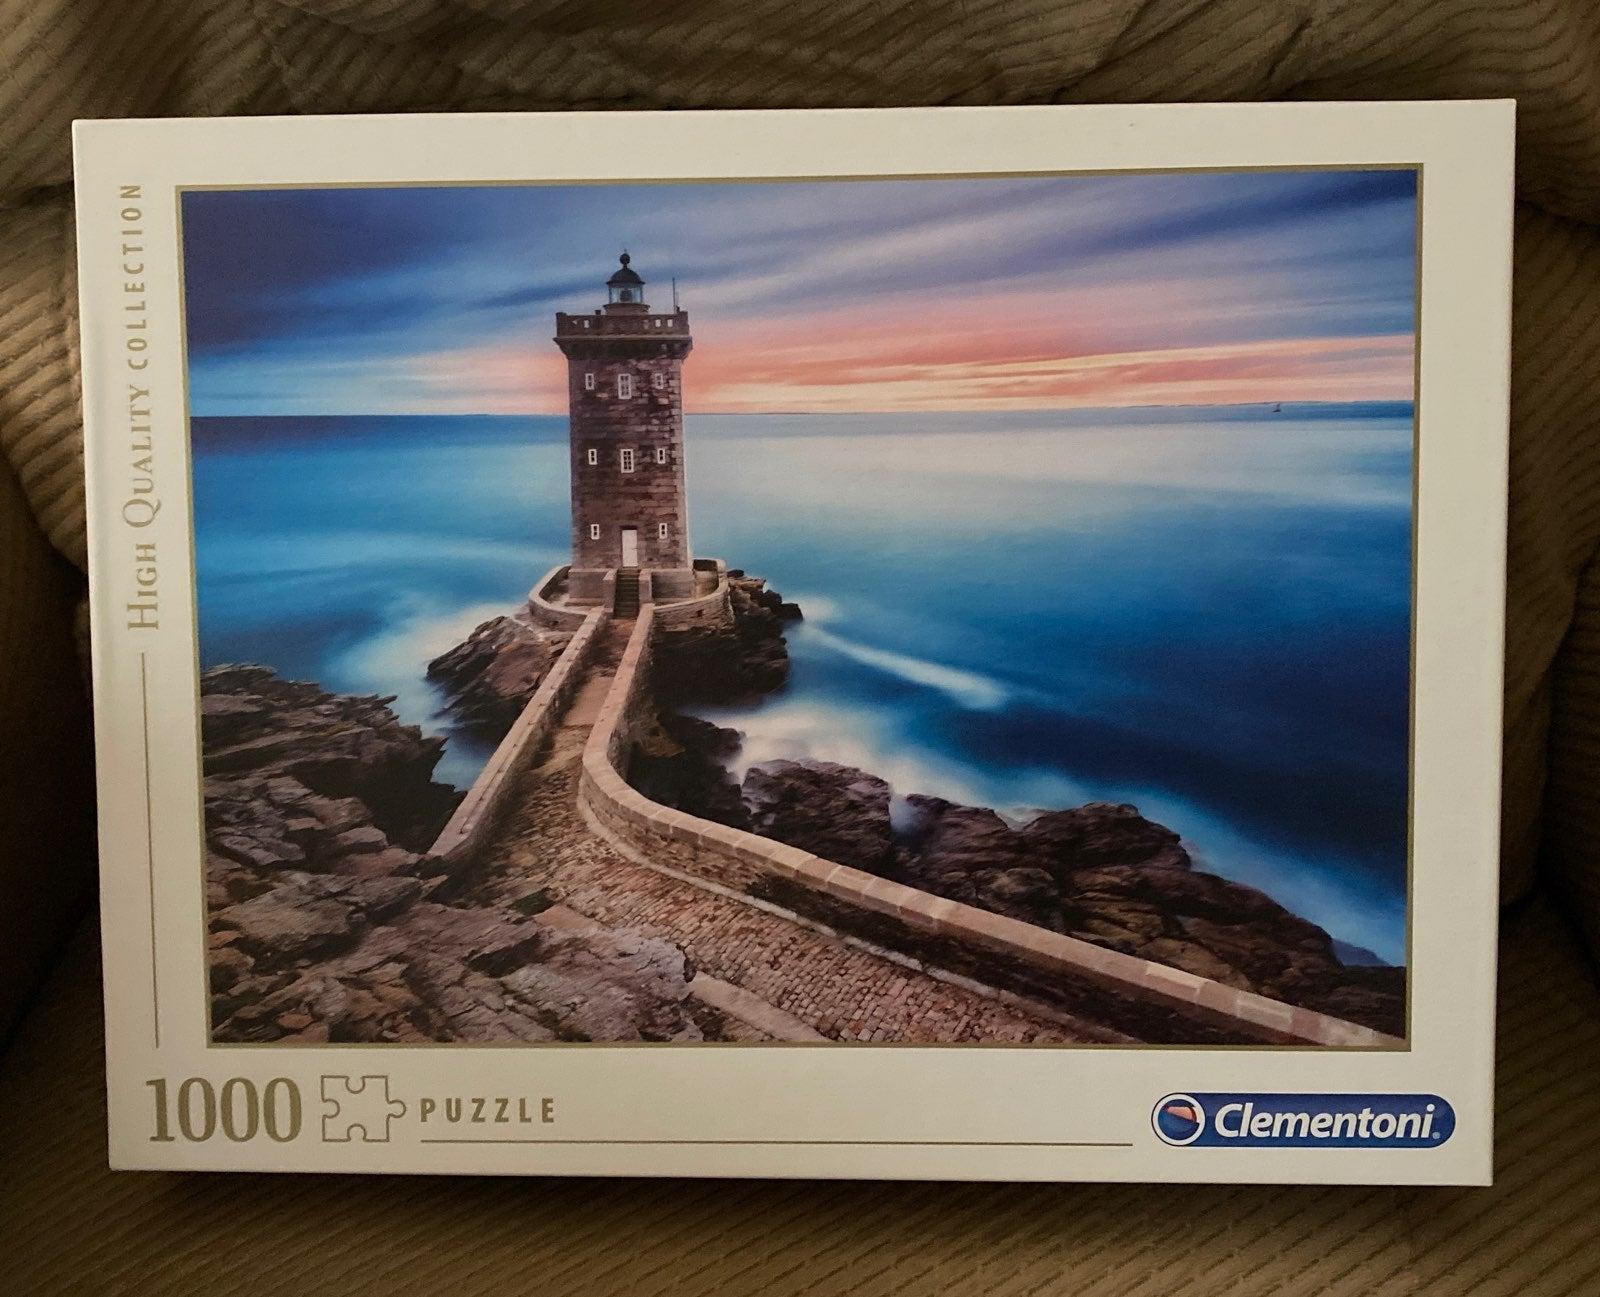 Clementoni Lighthouse 1000 pc puzzle